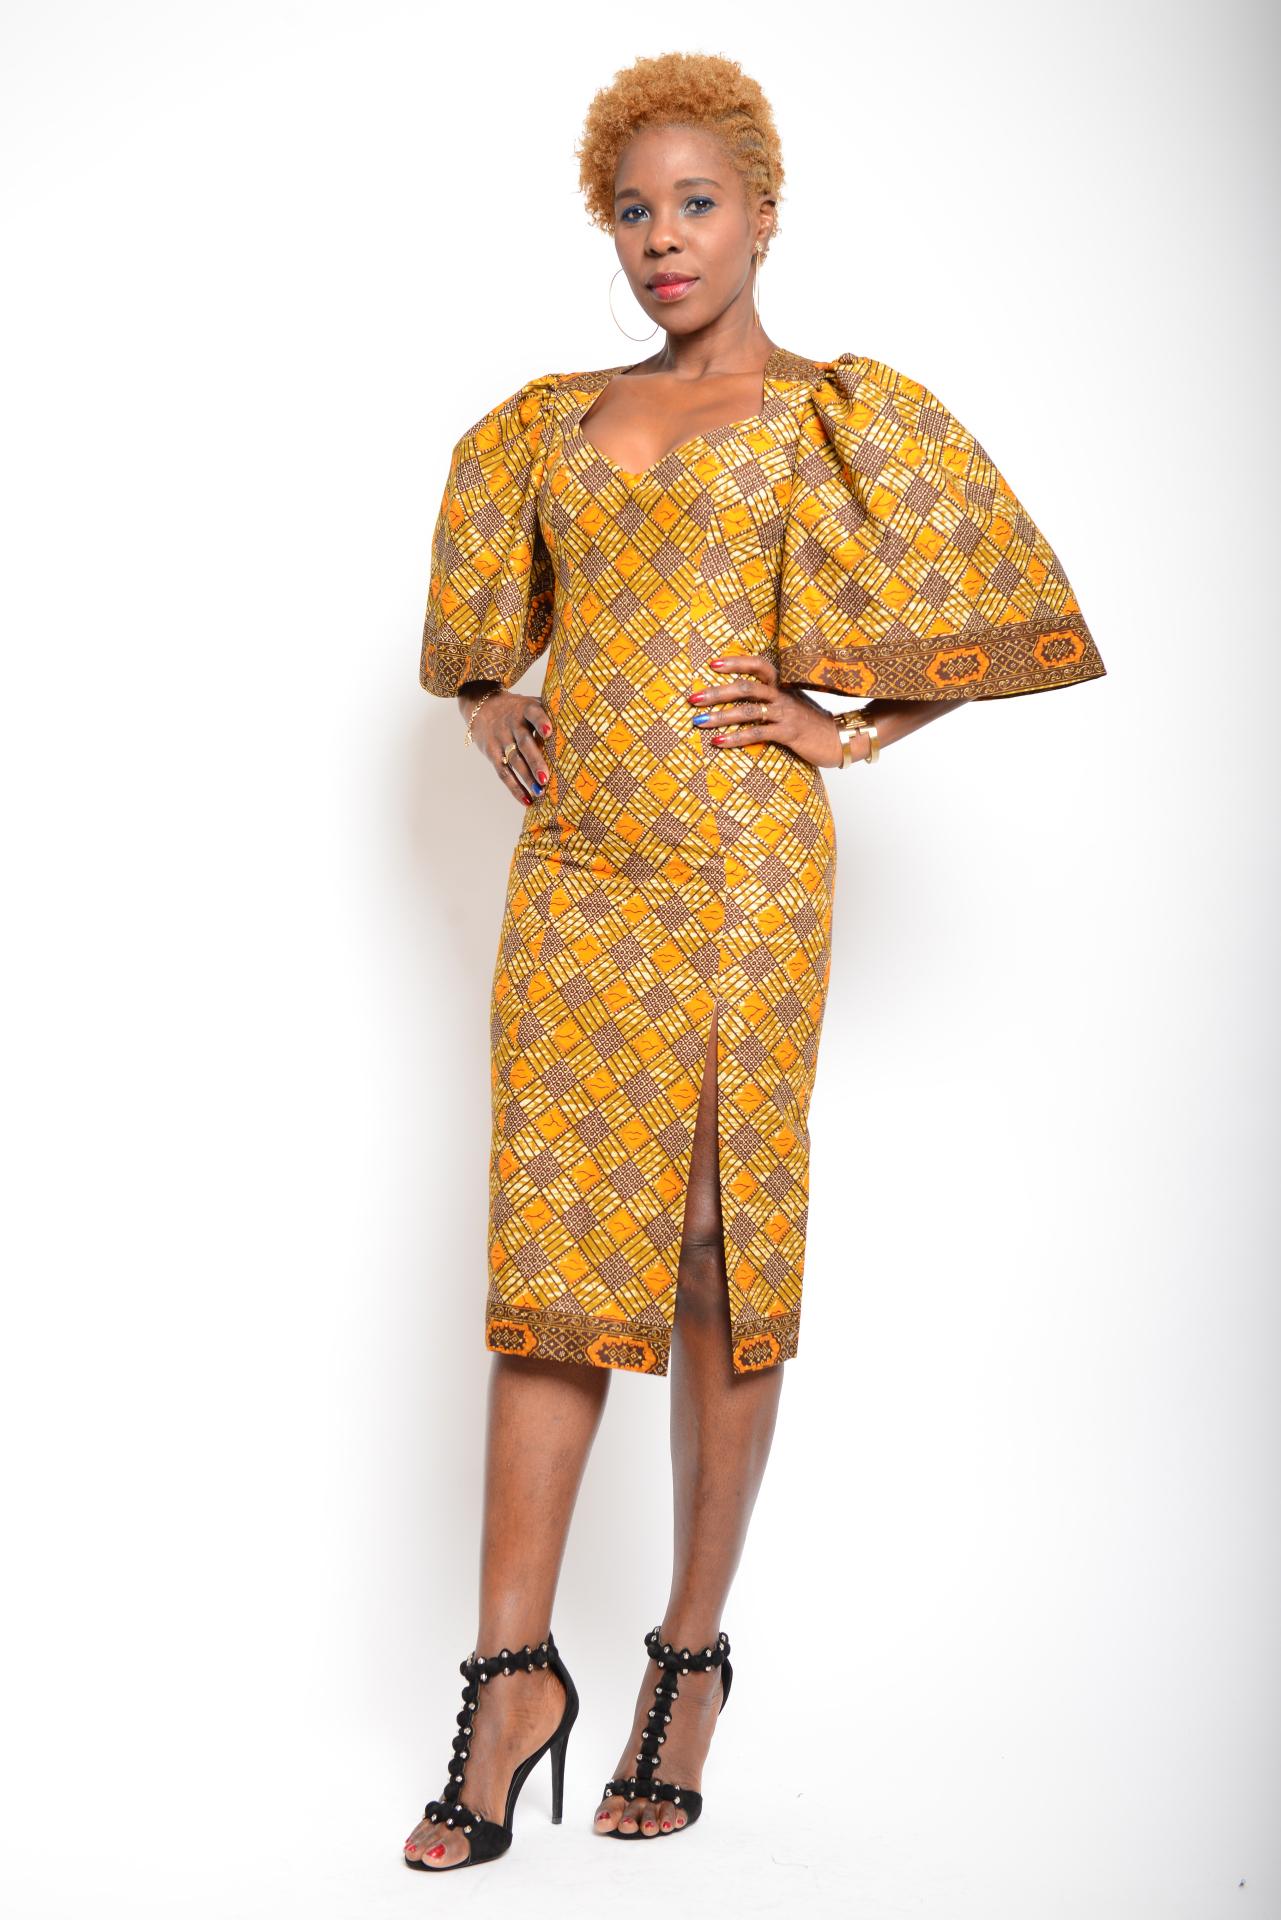 wo kann man afrikanische kleider kaufen stylische kleider f r jeden tag. Black Bedroom Furniture Sets. Home Design Ideas